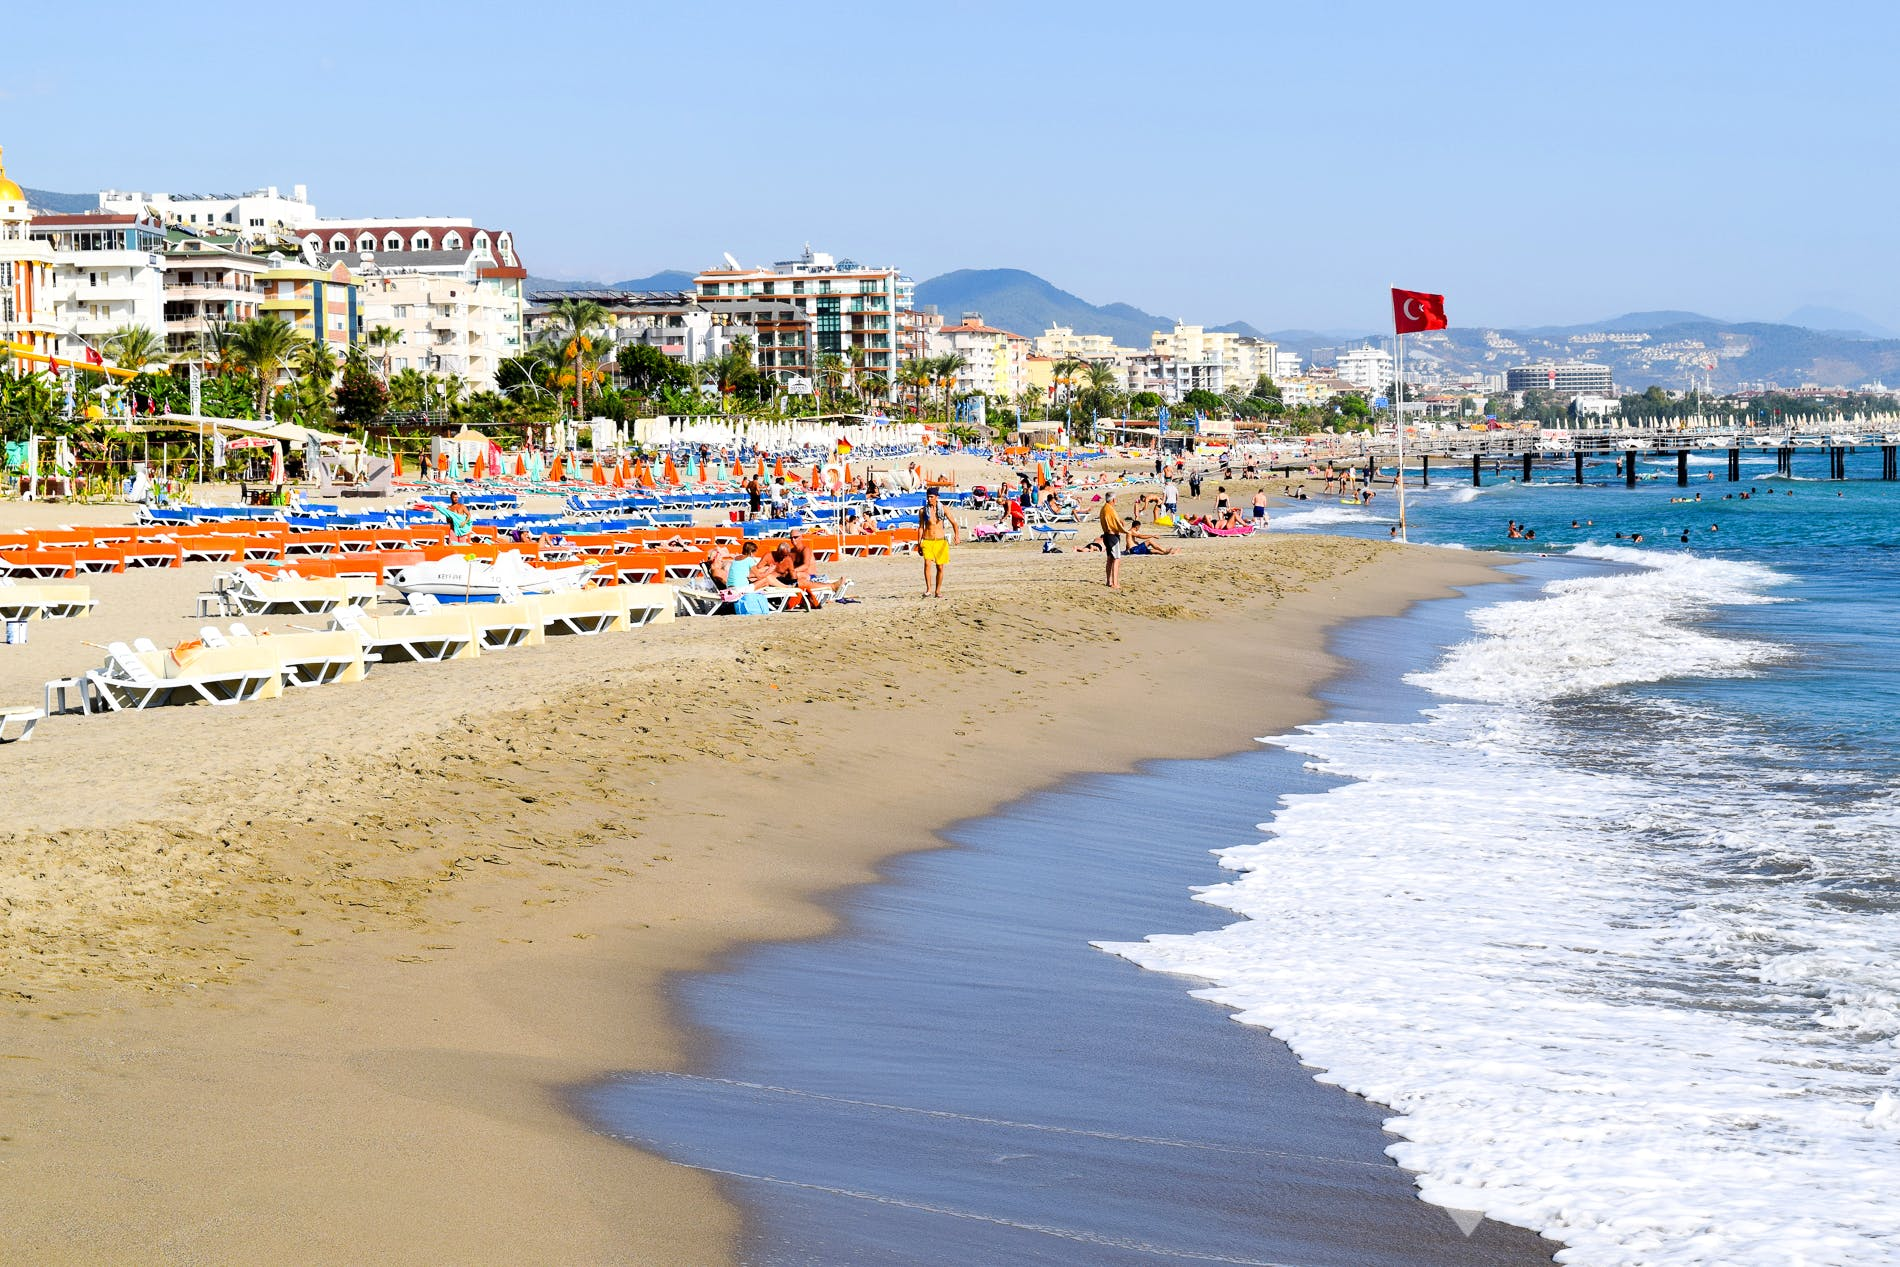 Beach Oba Beach, Turkish Riviera, Turkey